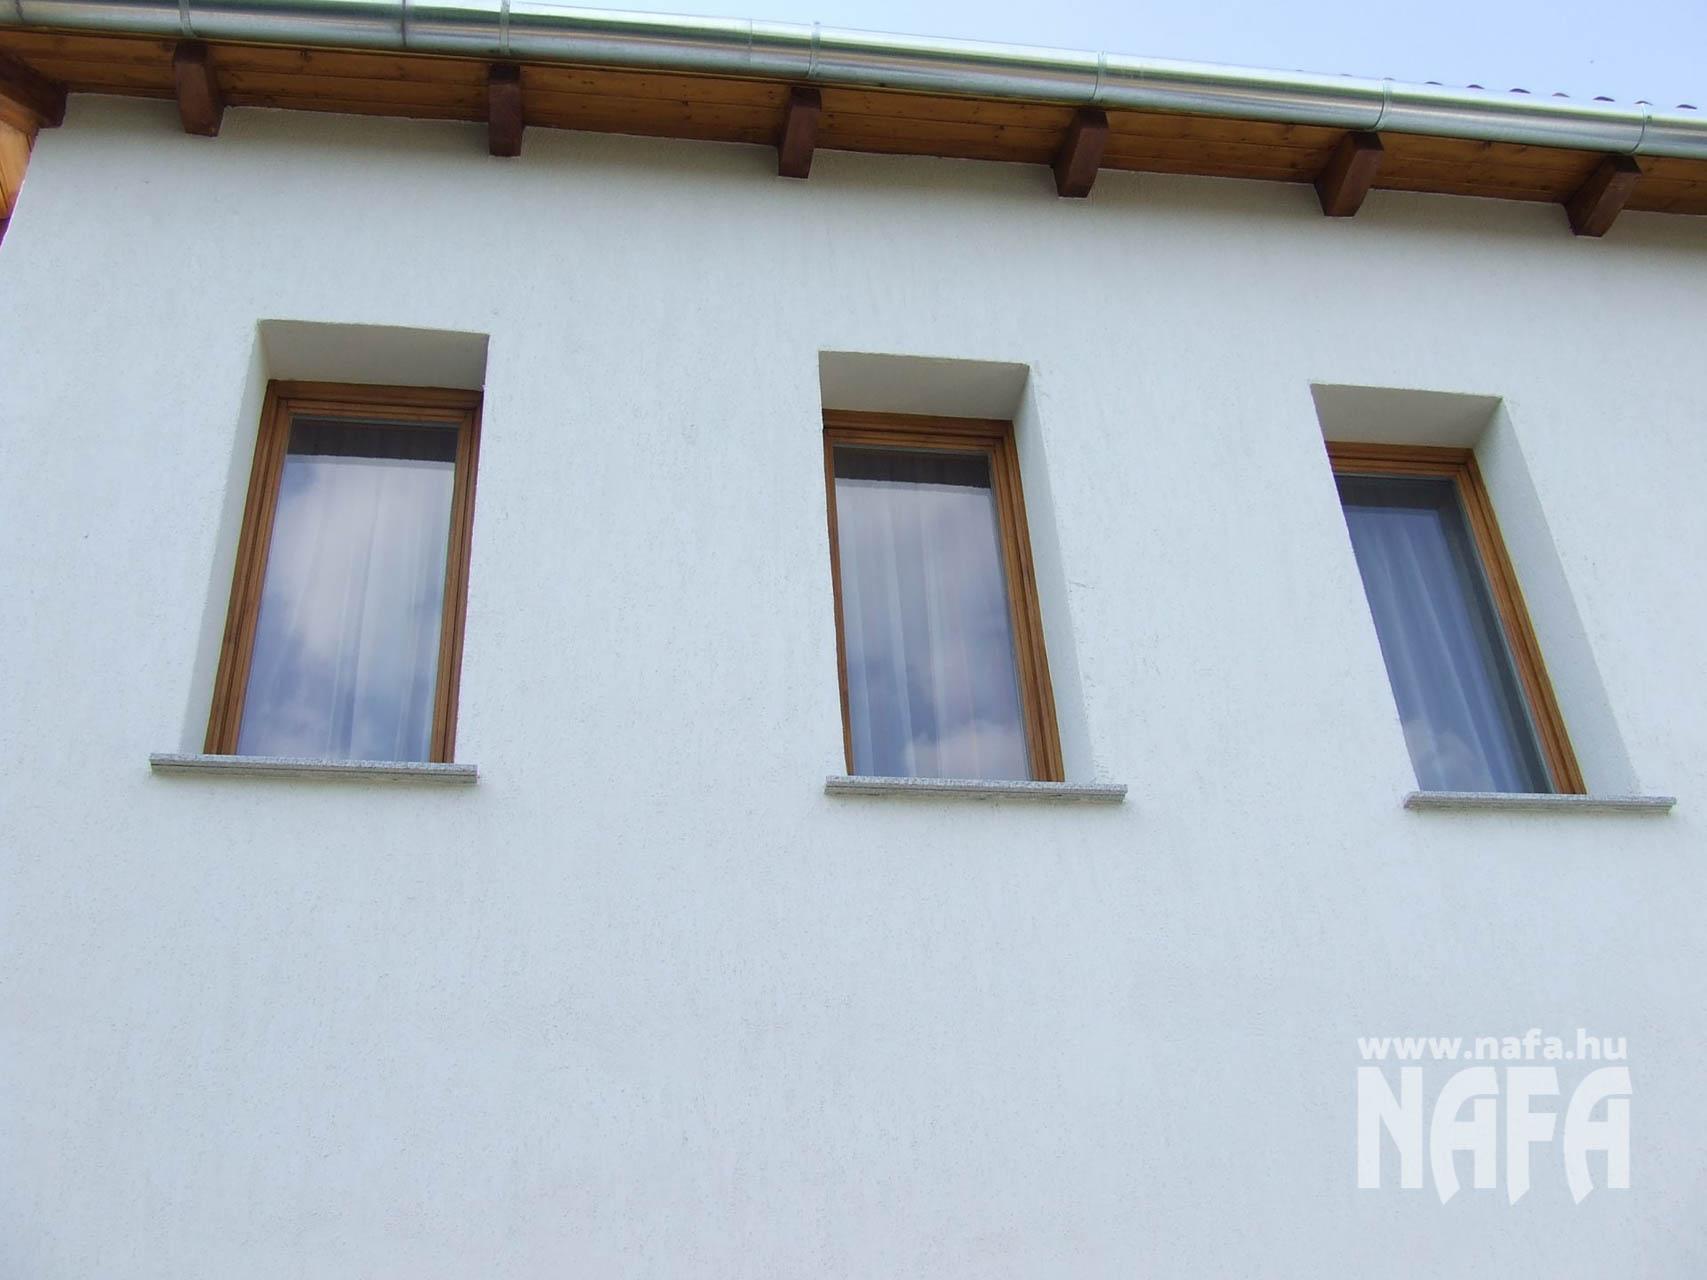 Fa nyílászárók, egyedi festett erkélyajtó, Ablak Pécs